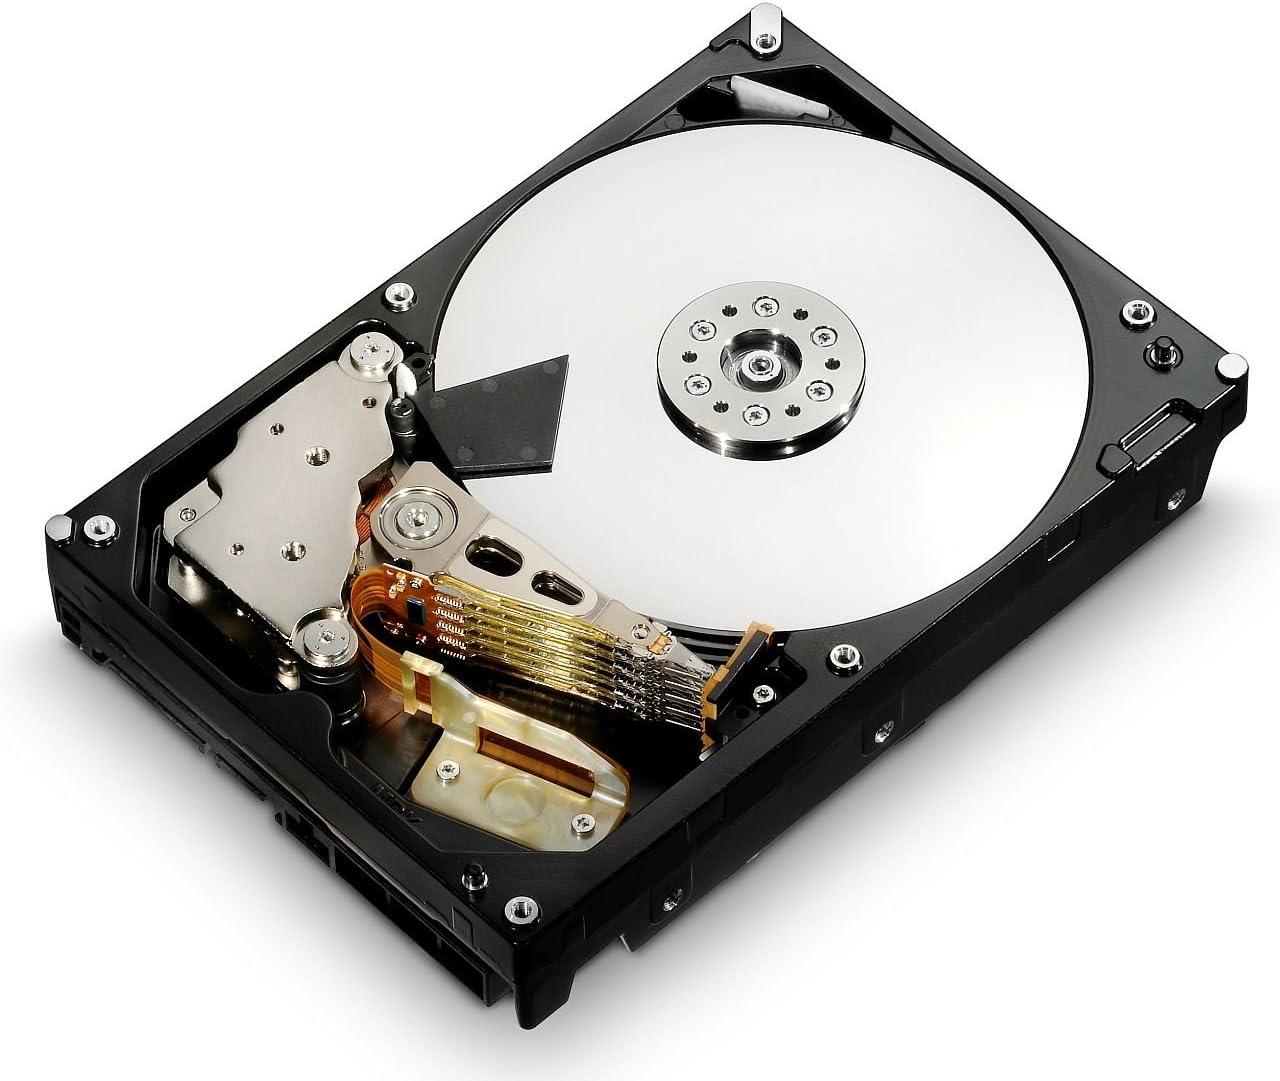 64 MB Hitachi HGST Ultrastar 7K4000 TB 3.5 Internal Hard Drive